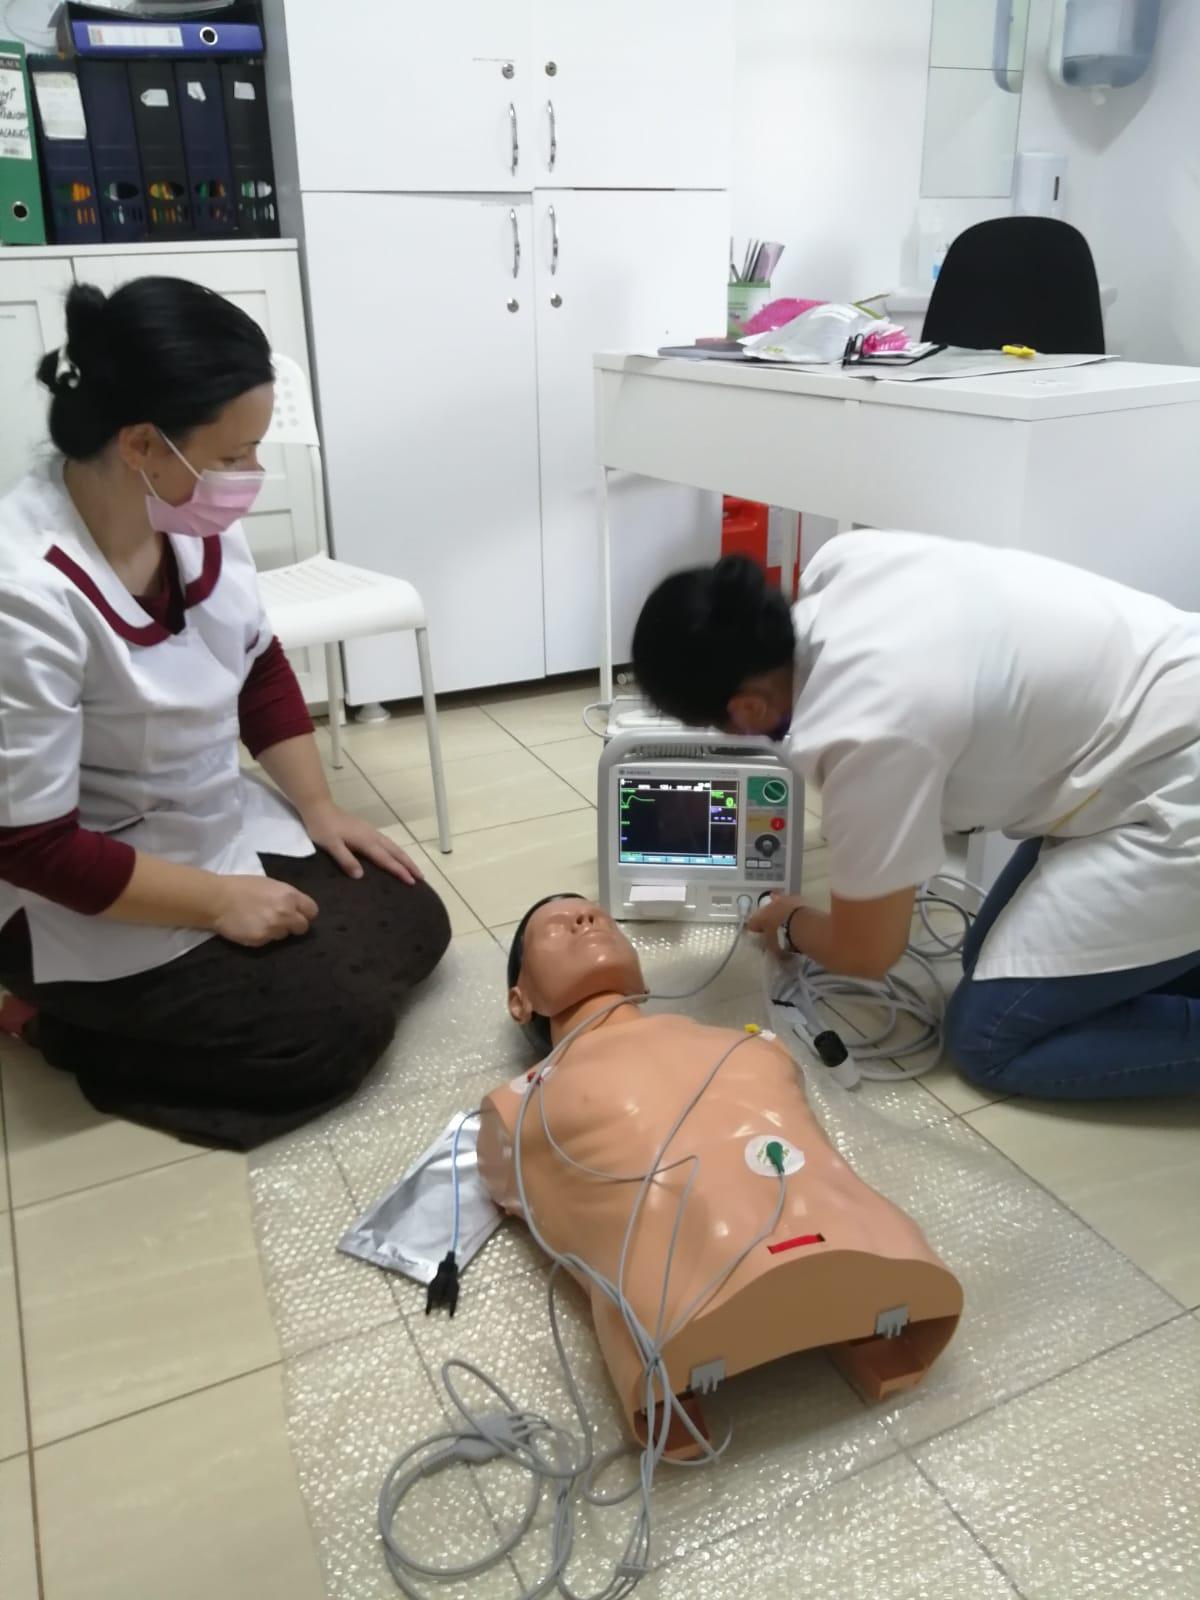 Energia pentru bine salvează inimi: Grupul CEZ dotează Centrul Medical STAL Cogealac cu un defibrilator performant